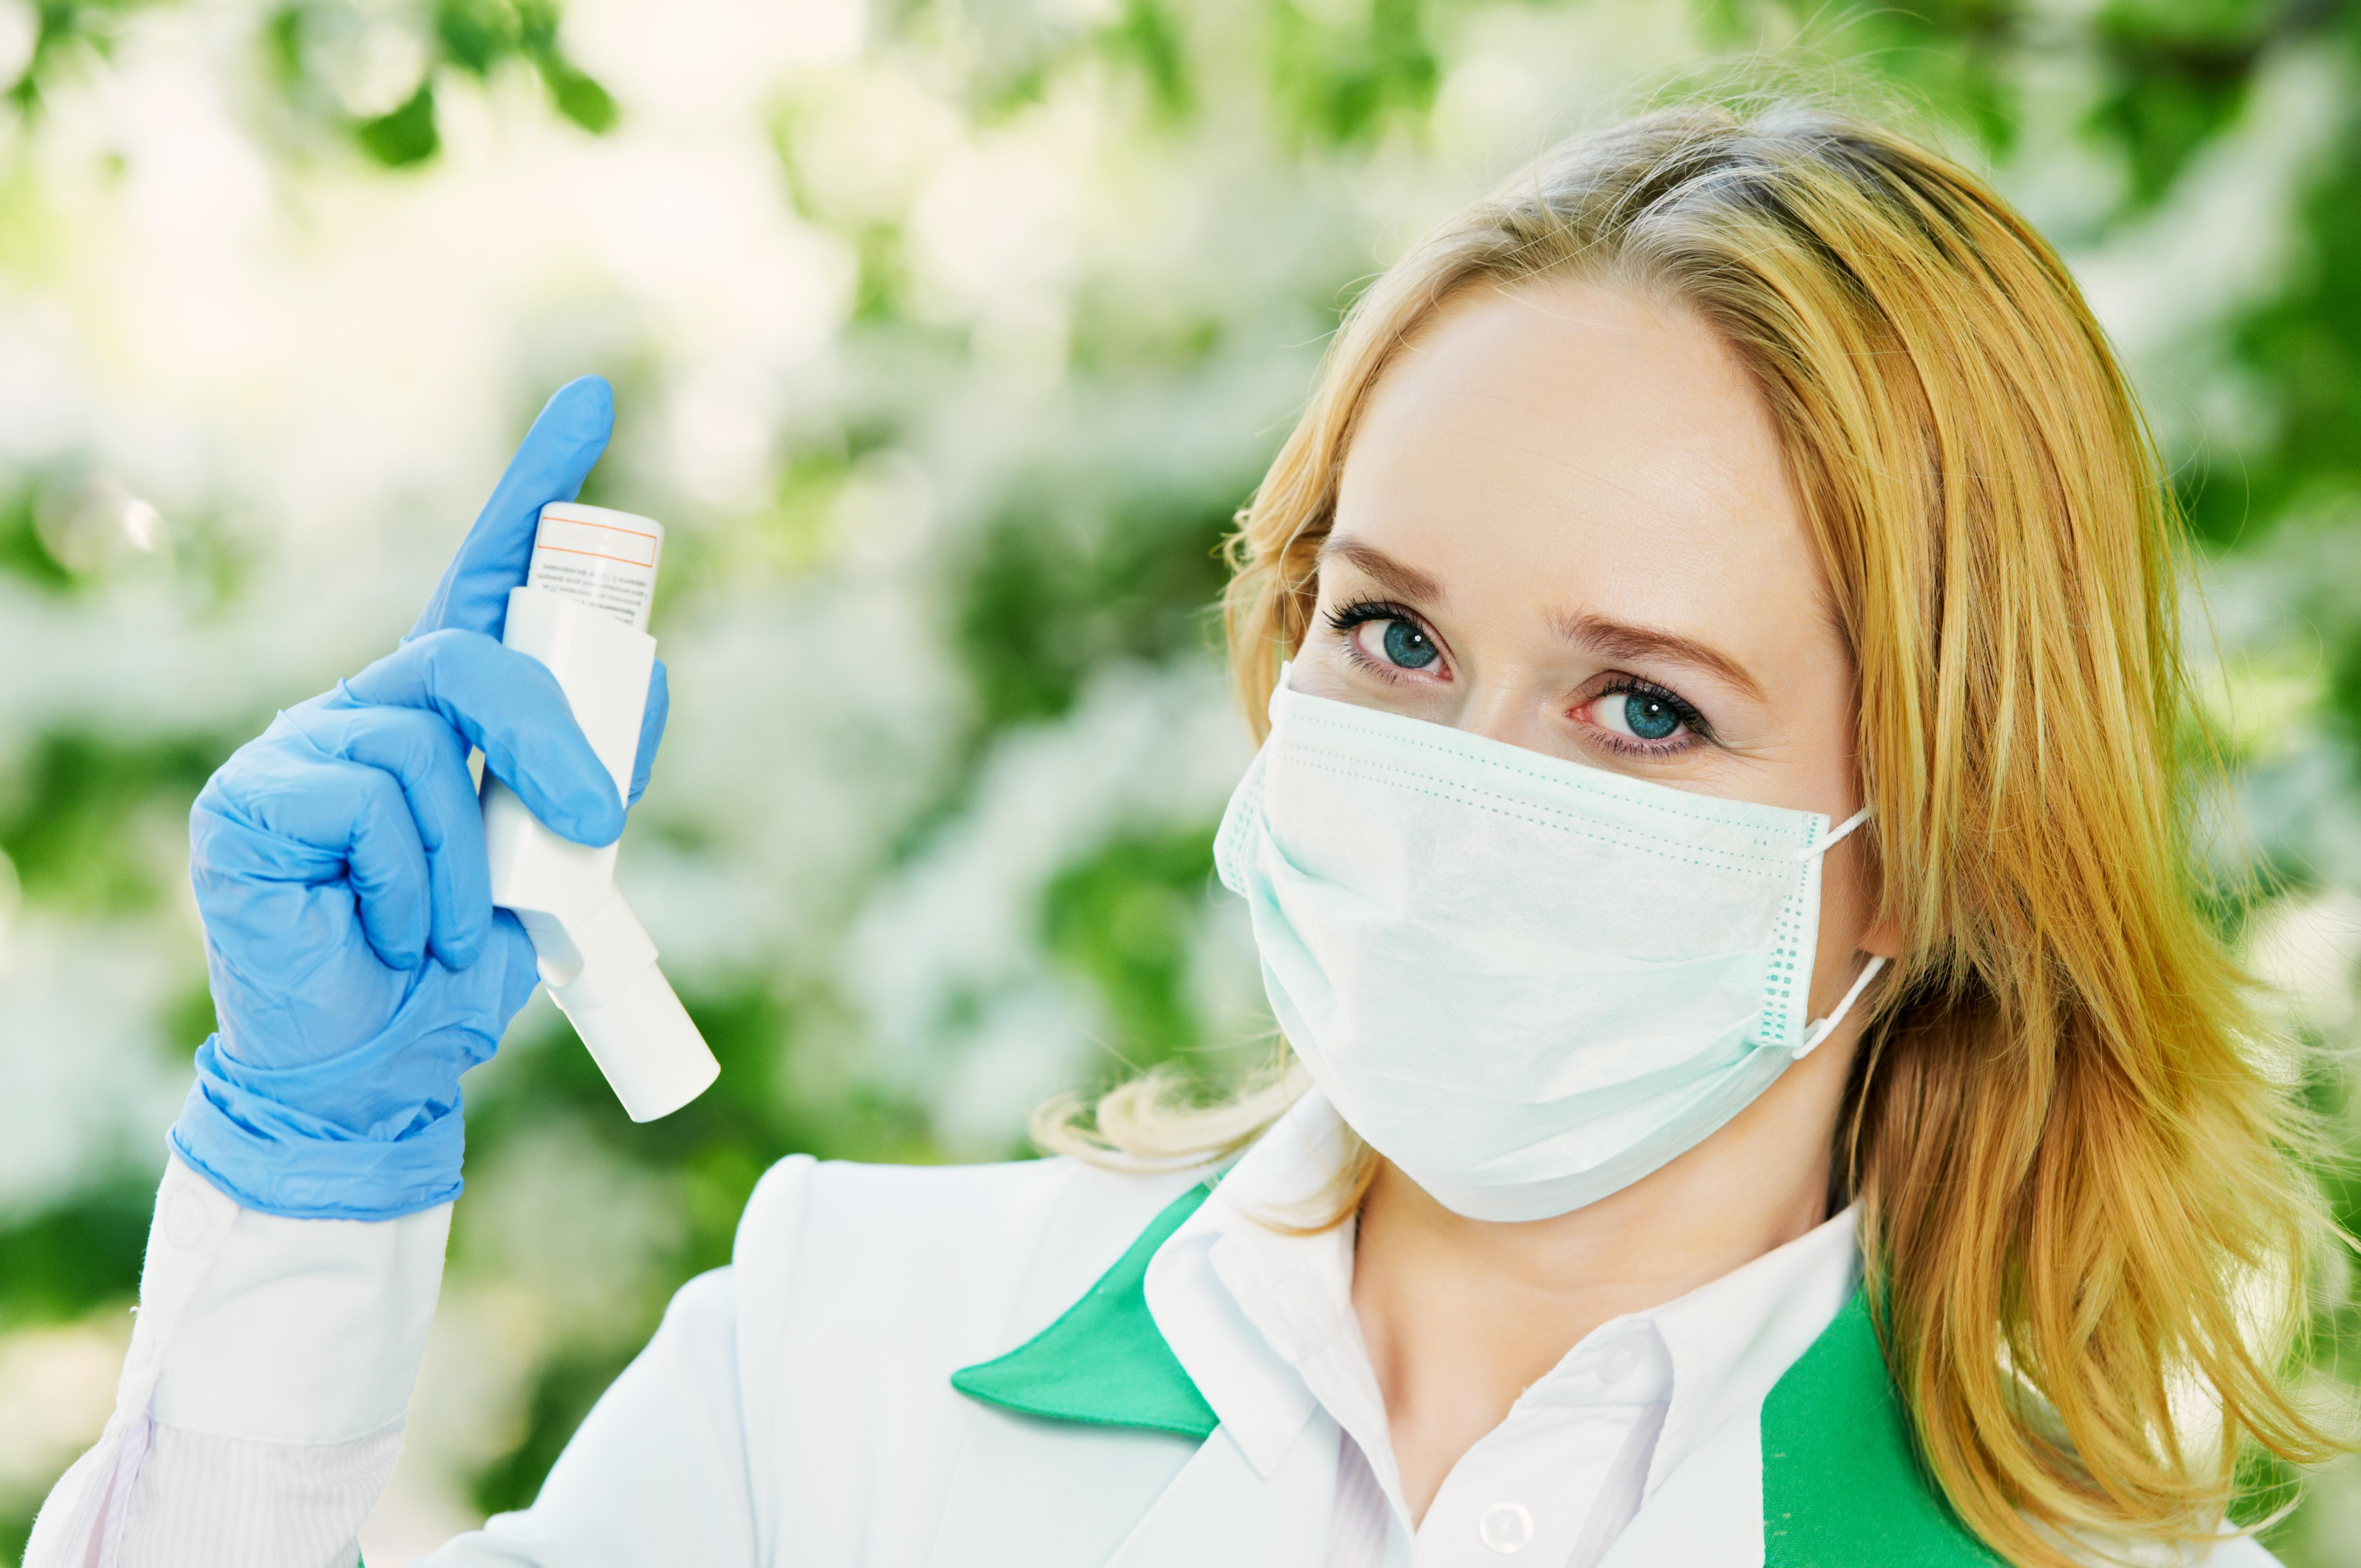 Inhaler spray may open up the airways